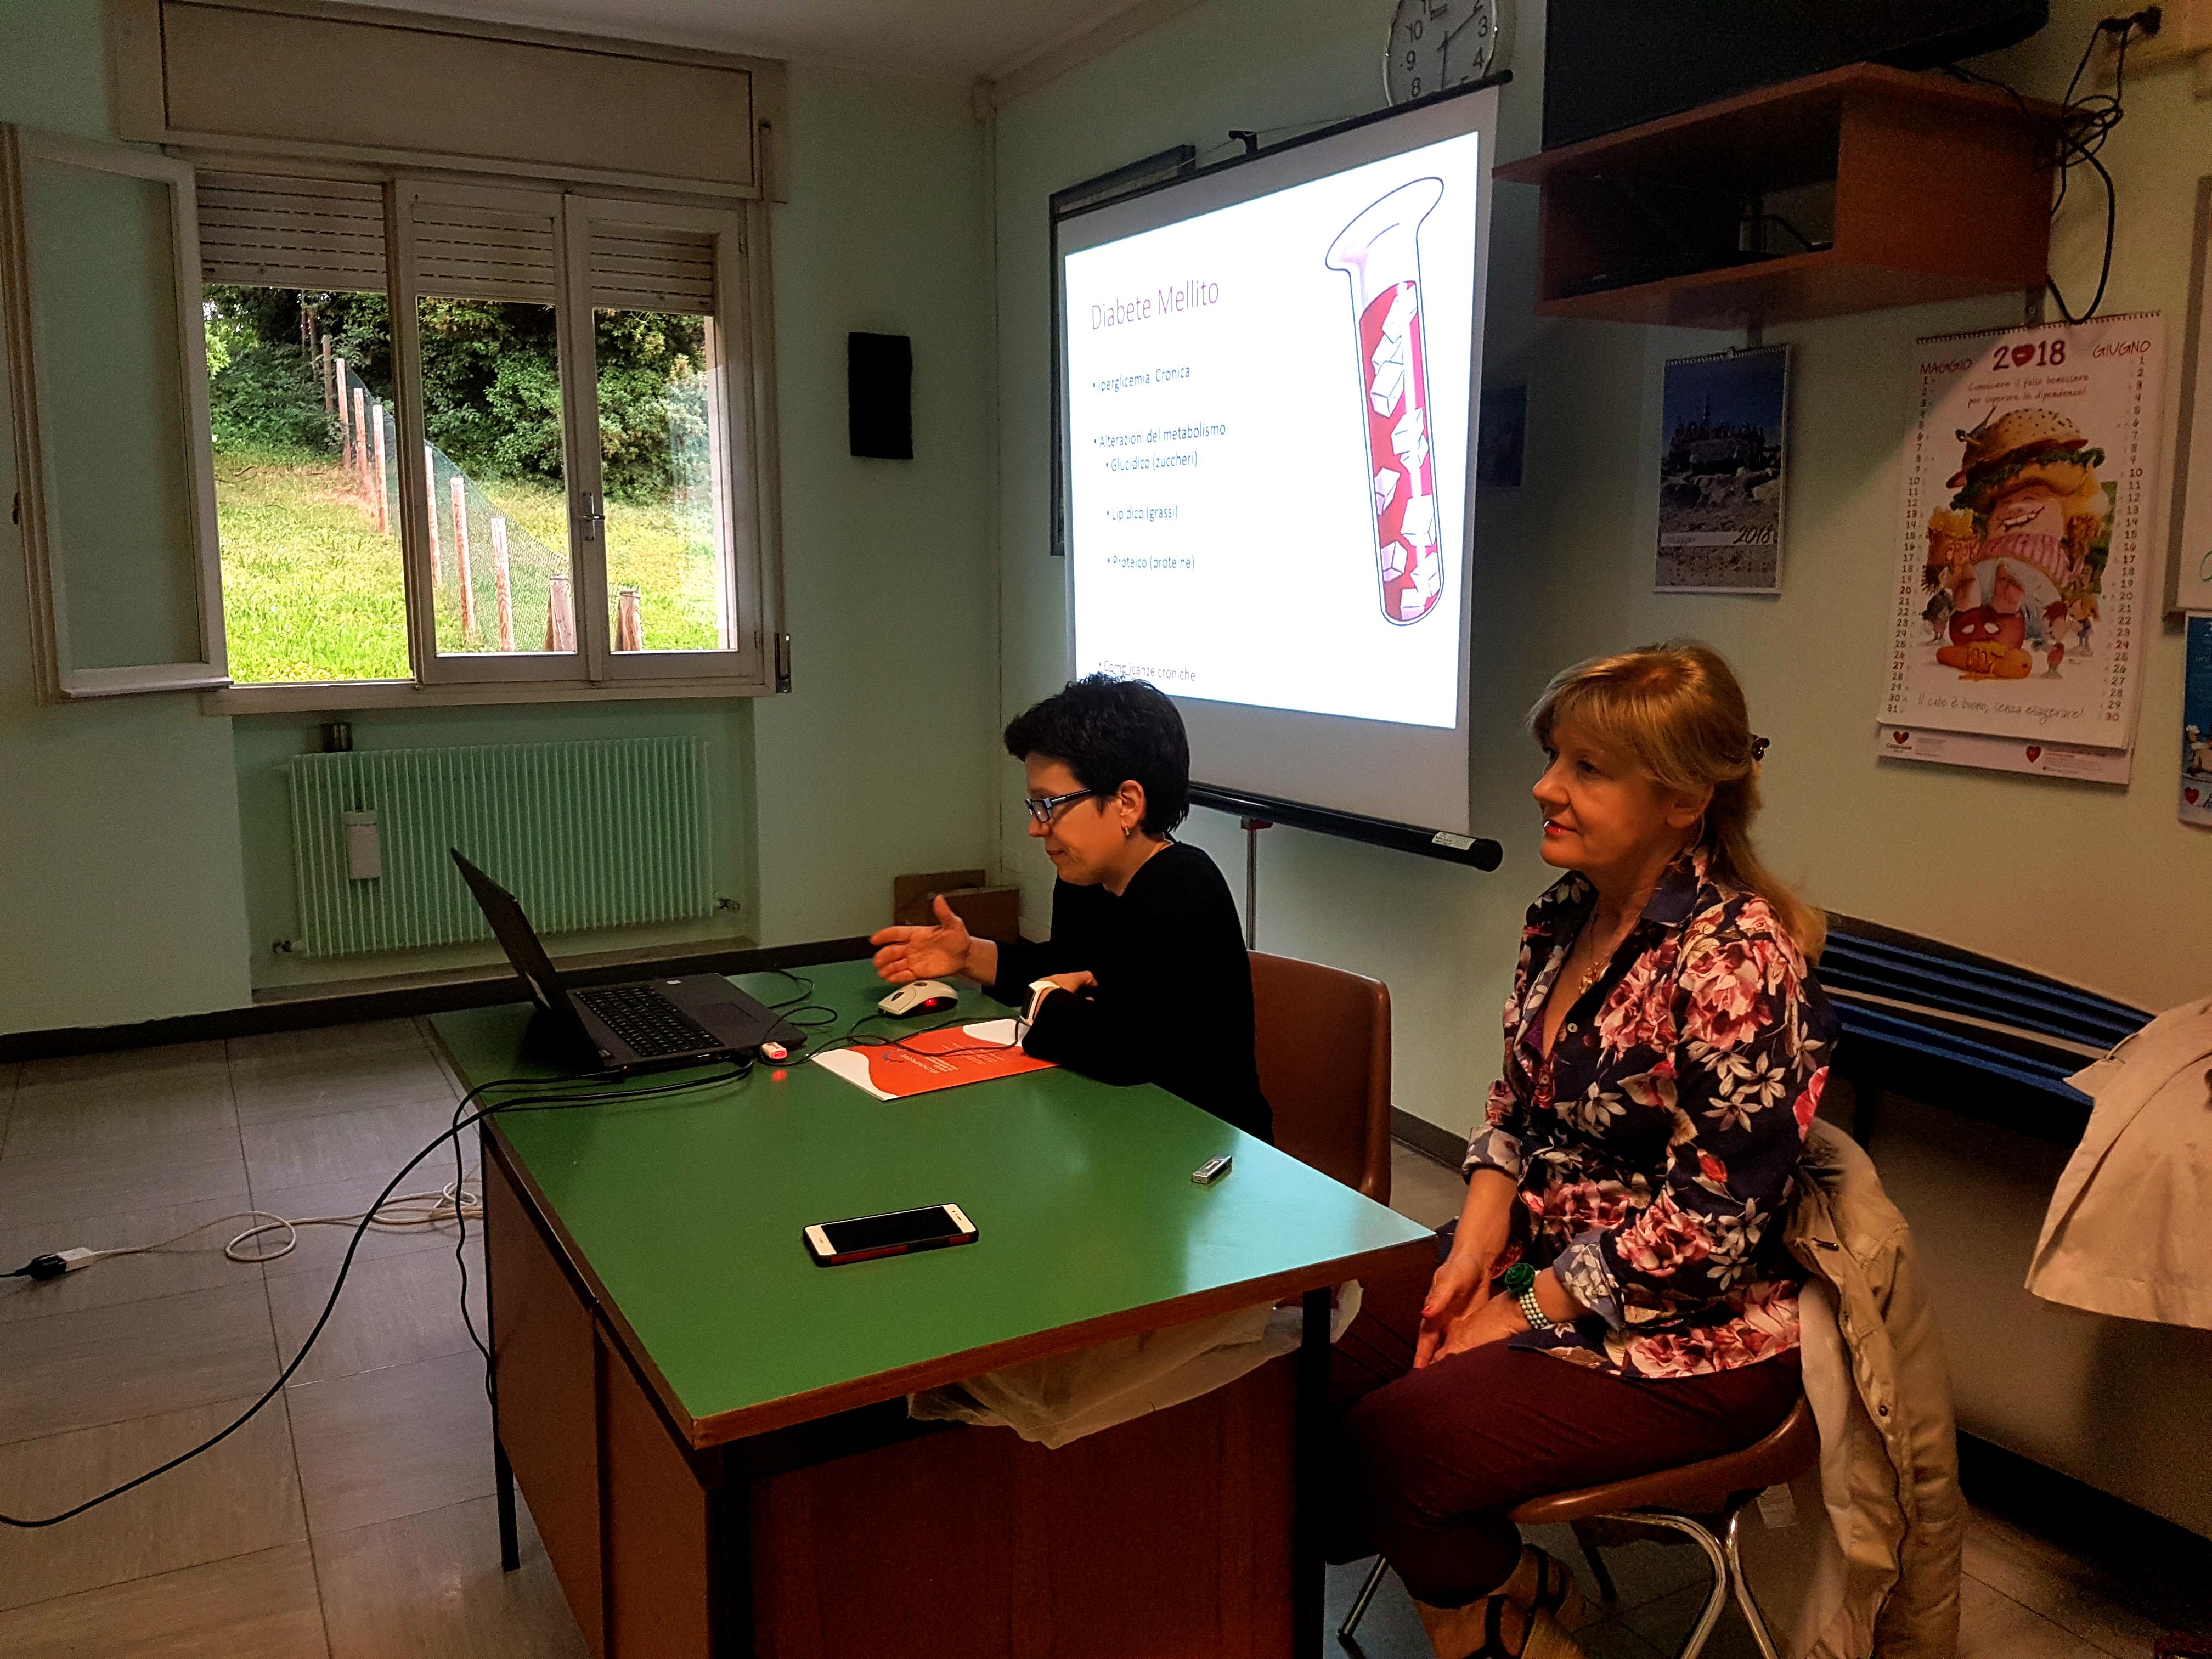 8 maggio 2018 - dott.ssa Paola Zanco e dott.ssa Alessandra Cosma